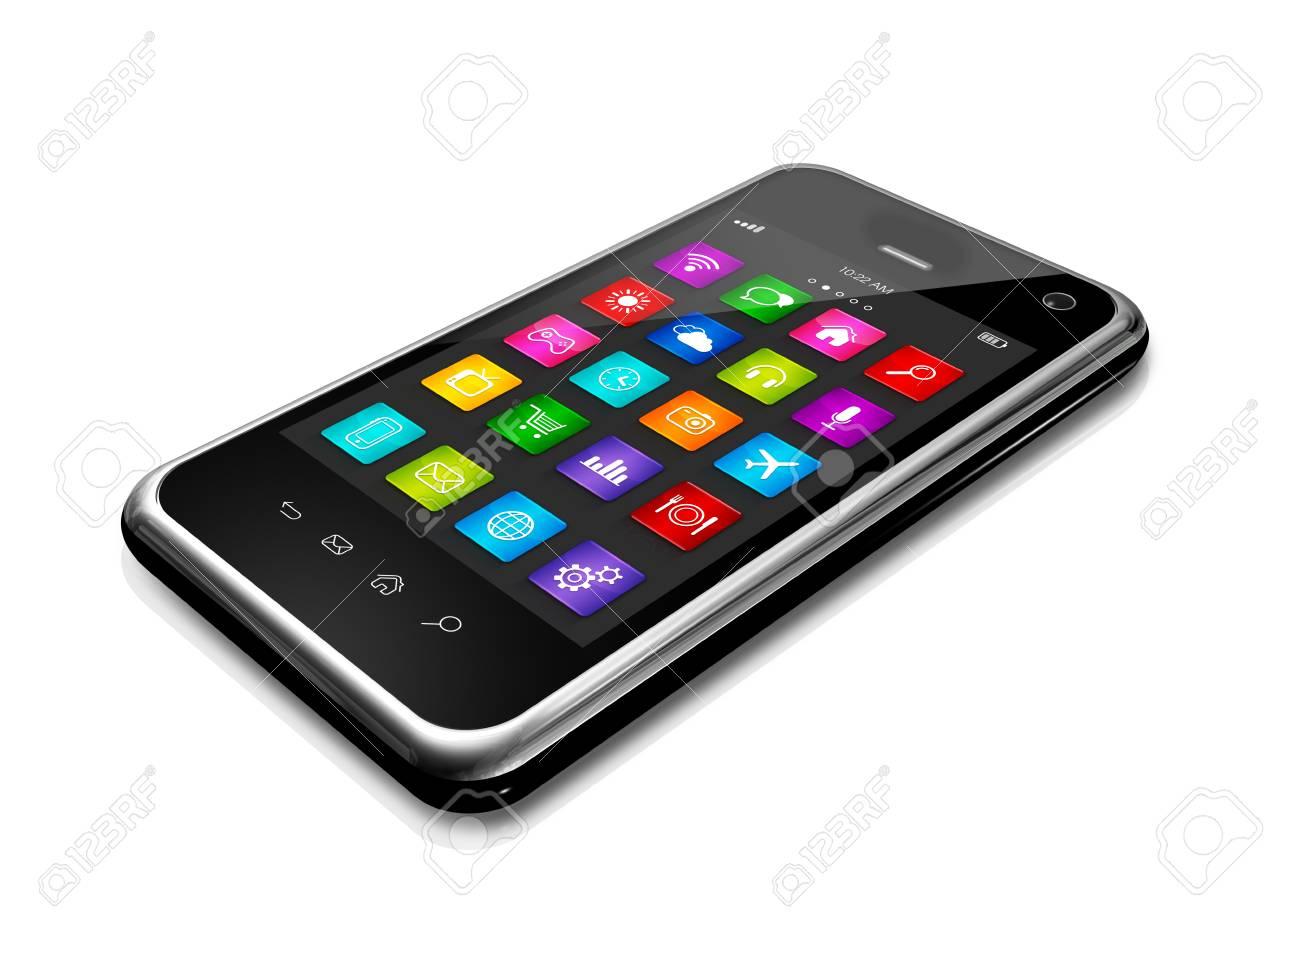 téléphone mobile 3d, téléphone mobile avec interface icônes apps